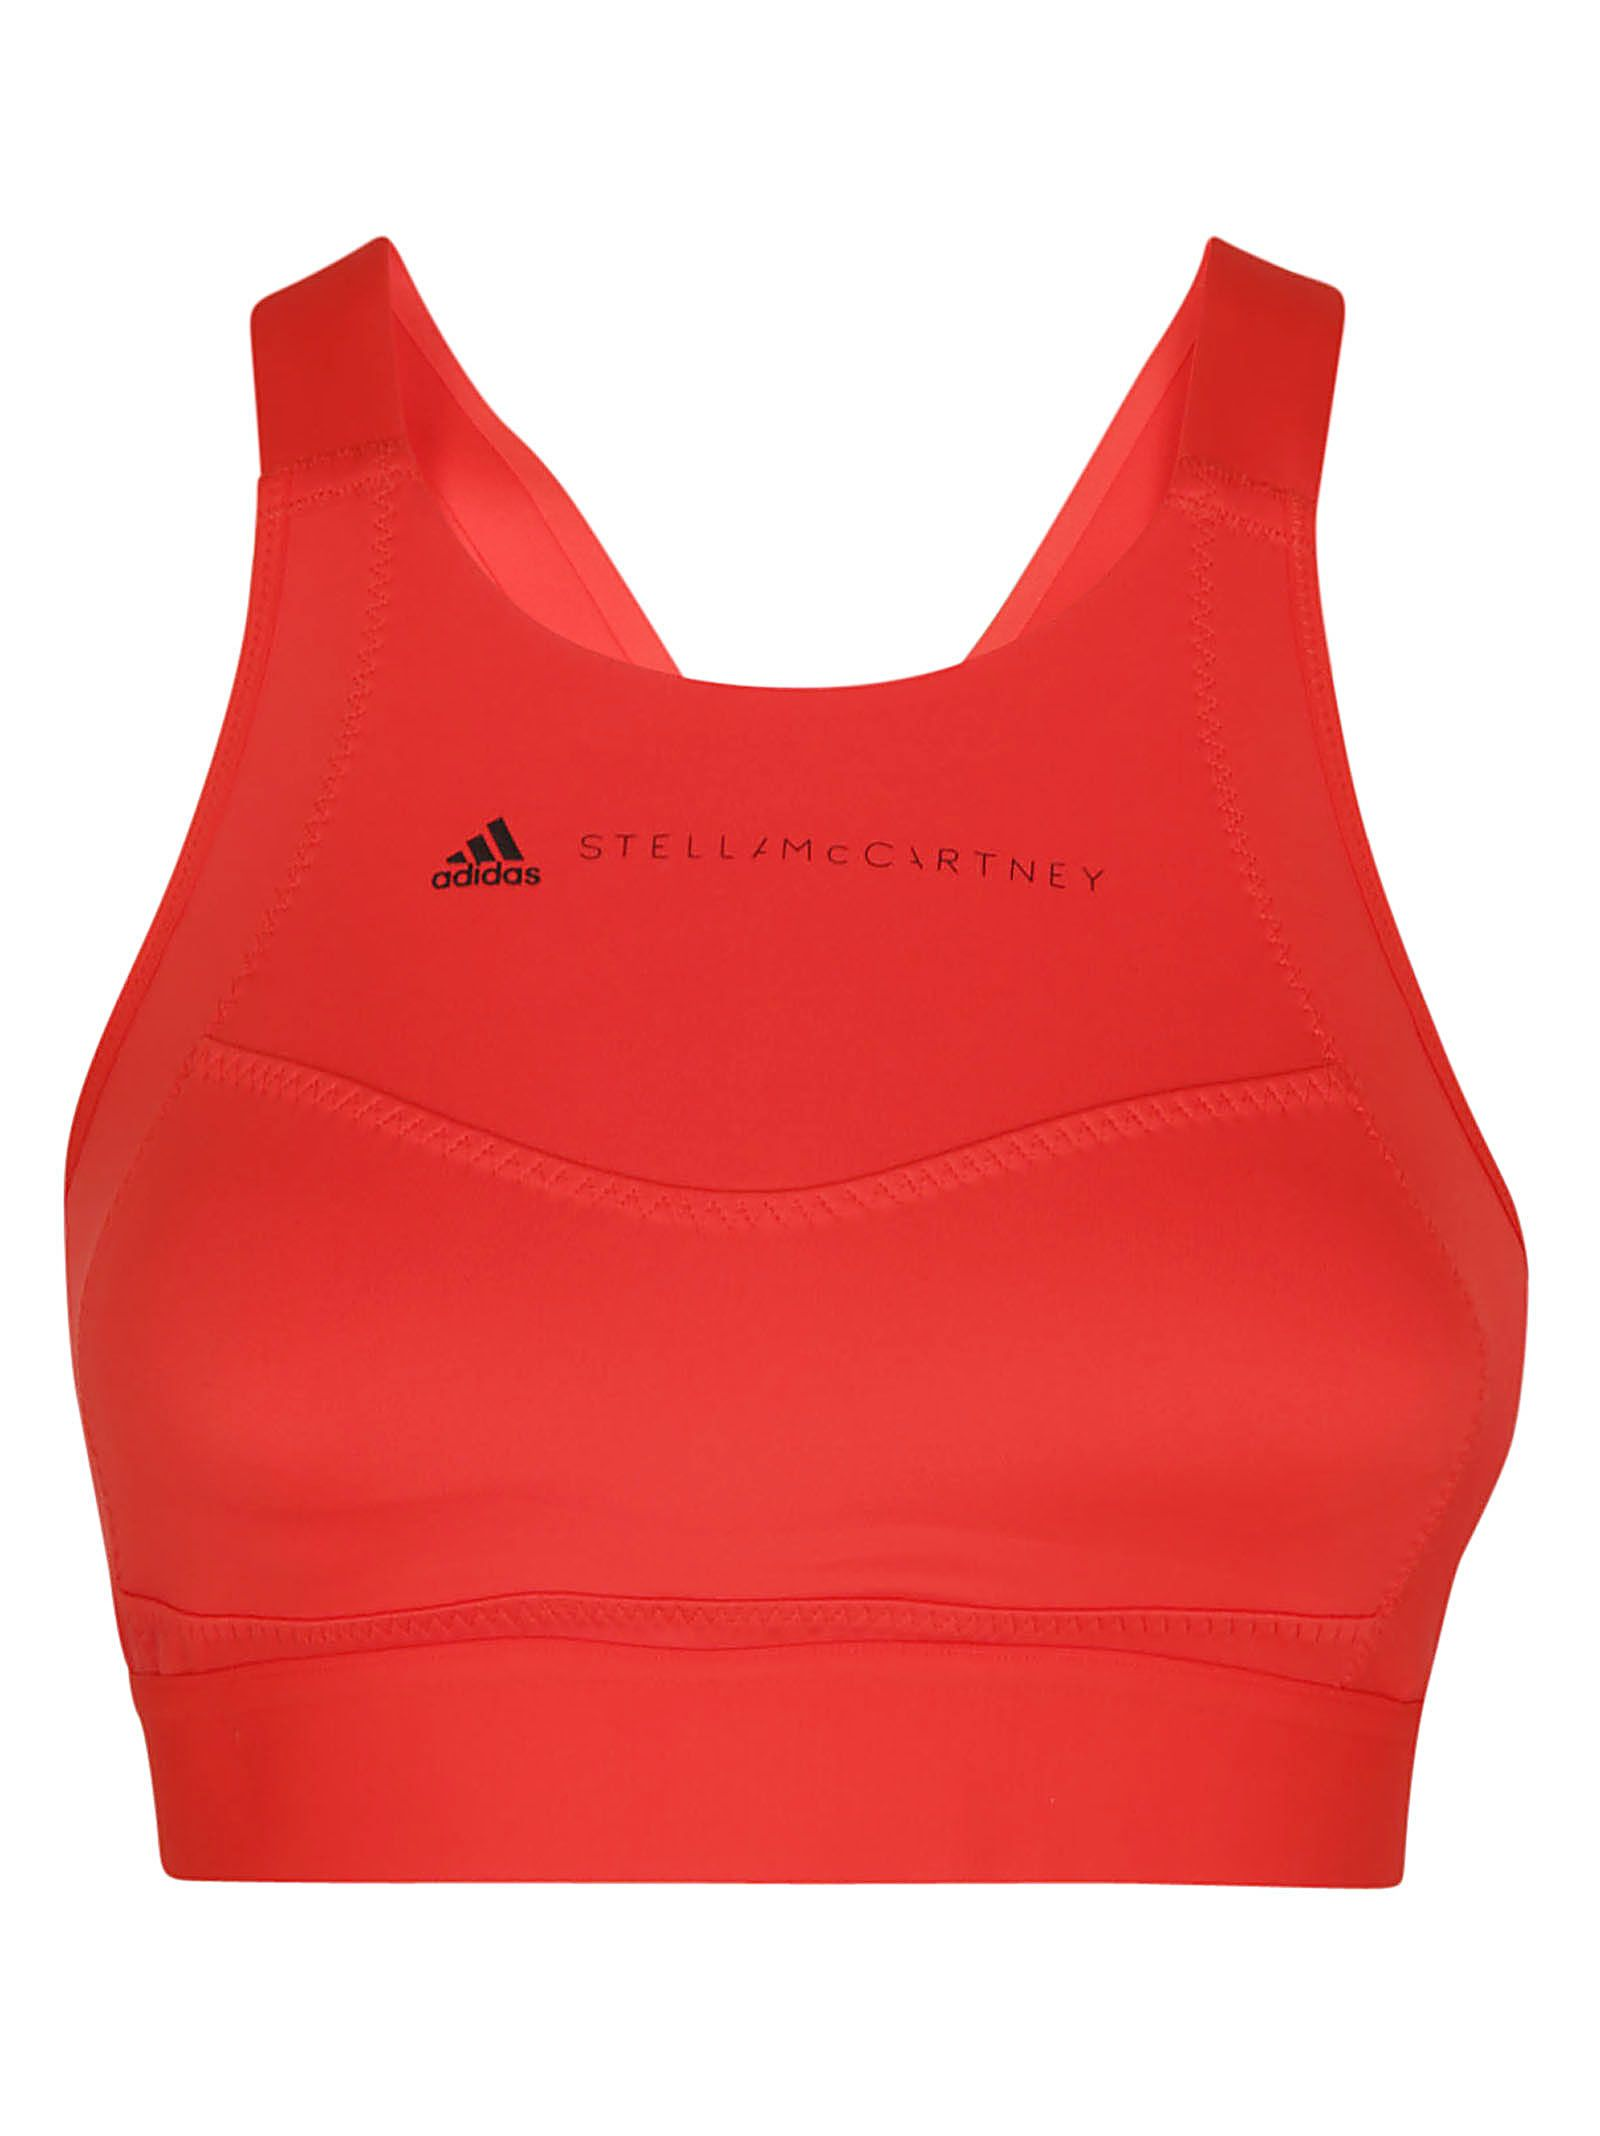 82775b68ea ADIDAS BY STELLA MCCARTNEY. Adidas By Stella Mccartney Performance  Essentials Sports ...